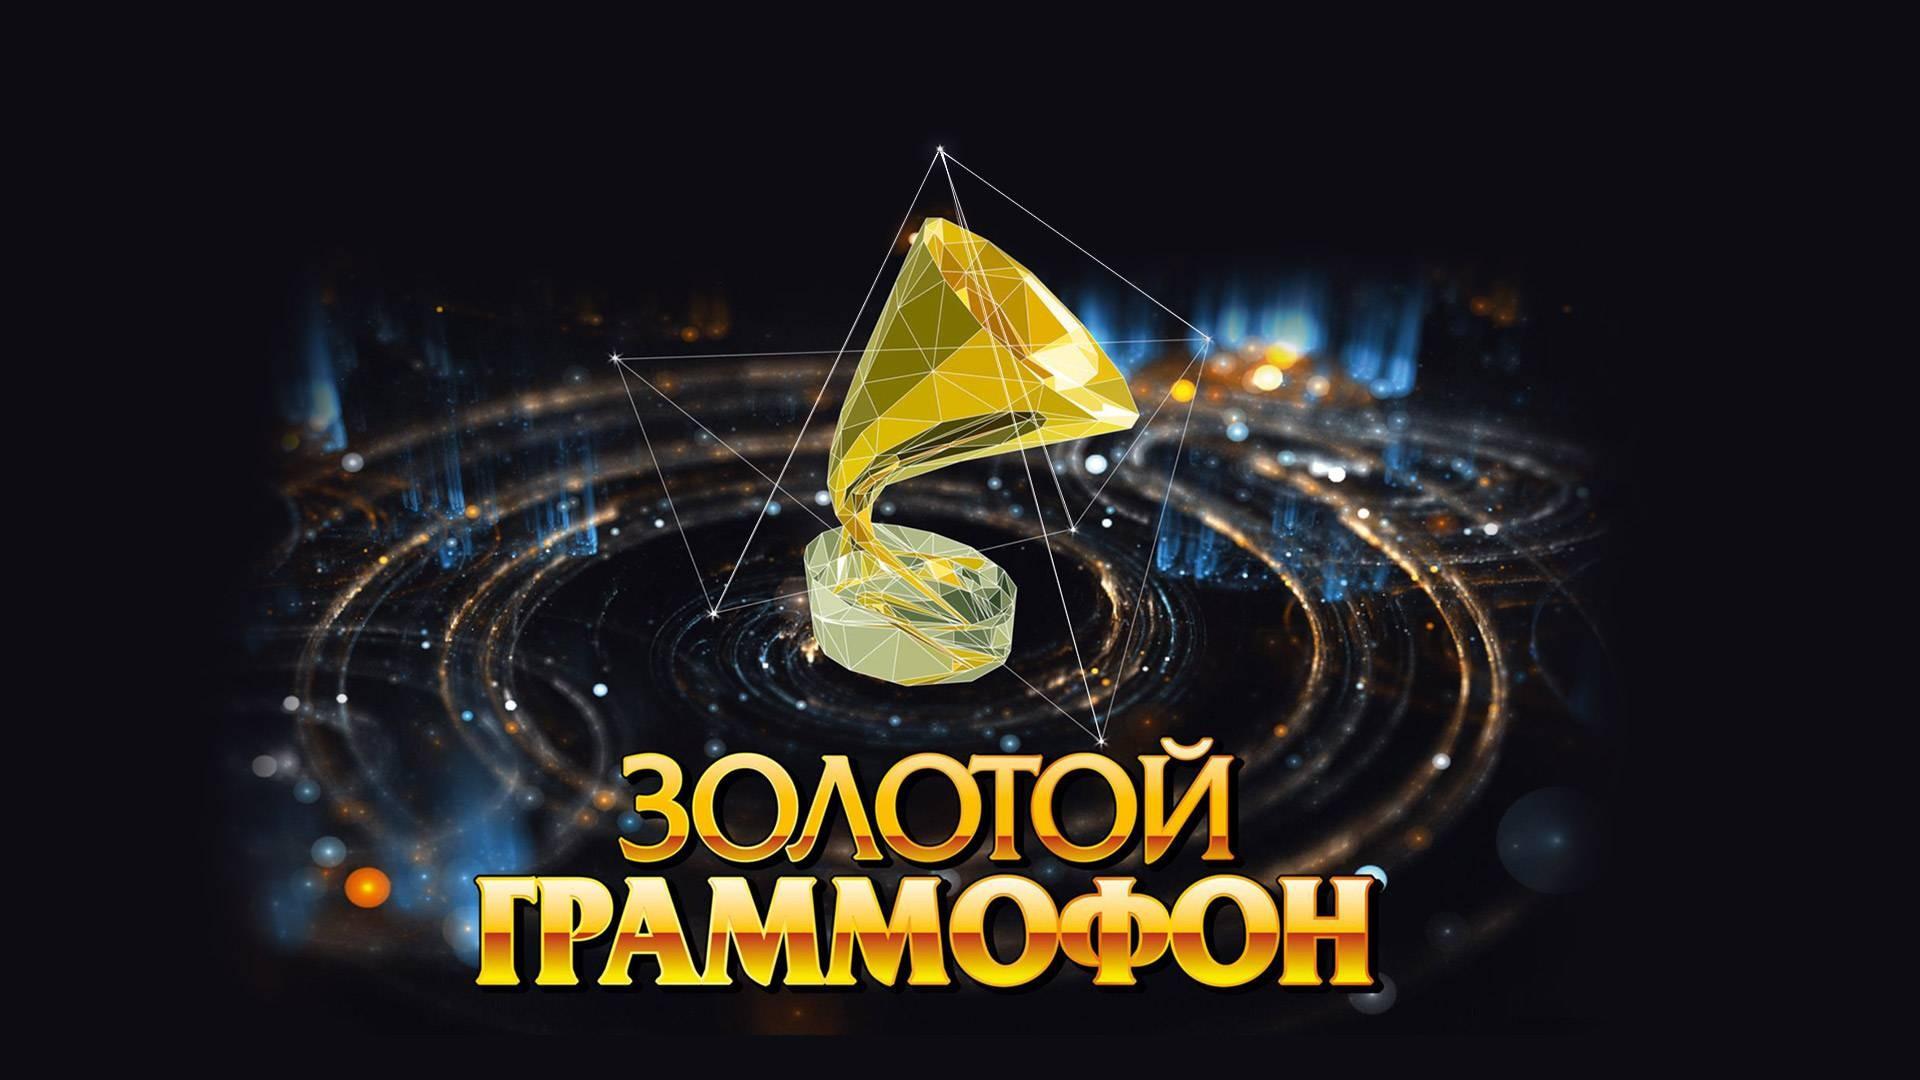 """XXIII Церемония вручения музыкальной премии """"Золотой Граммофон"""""""